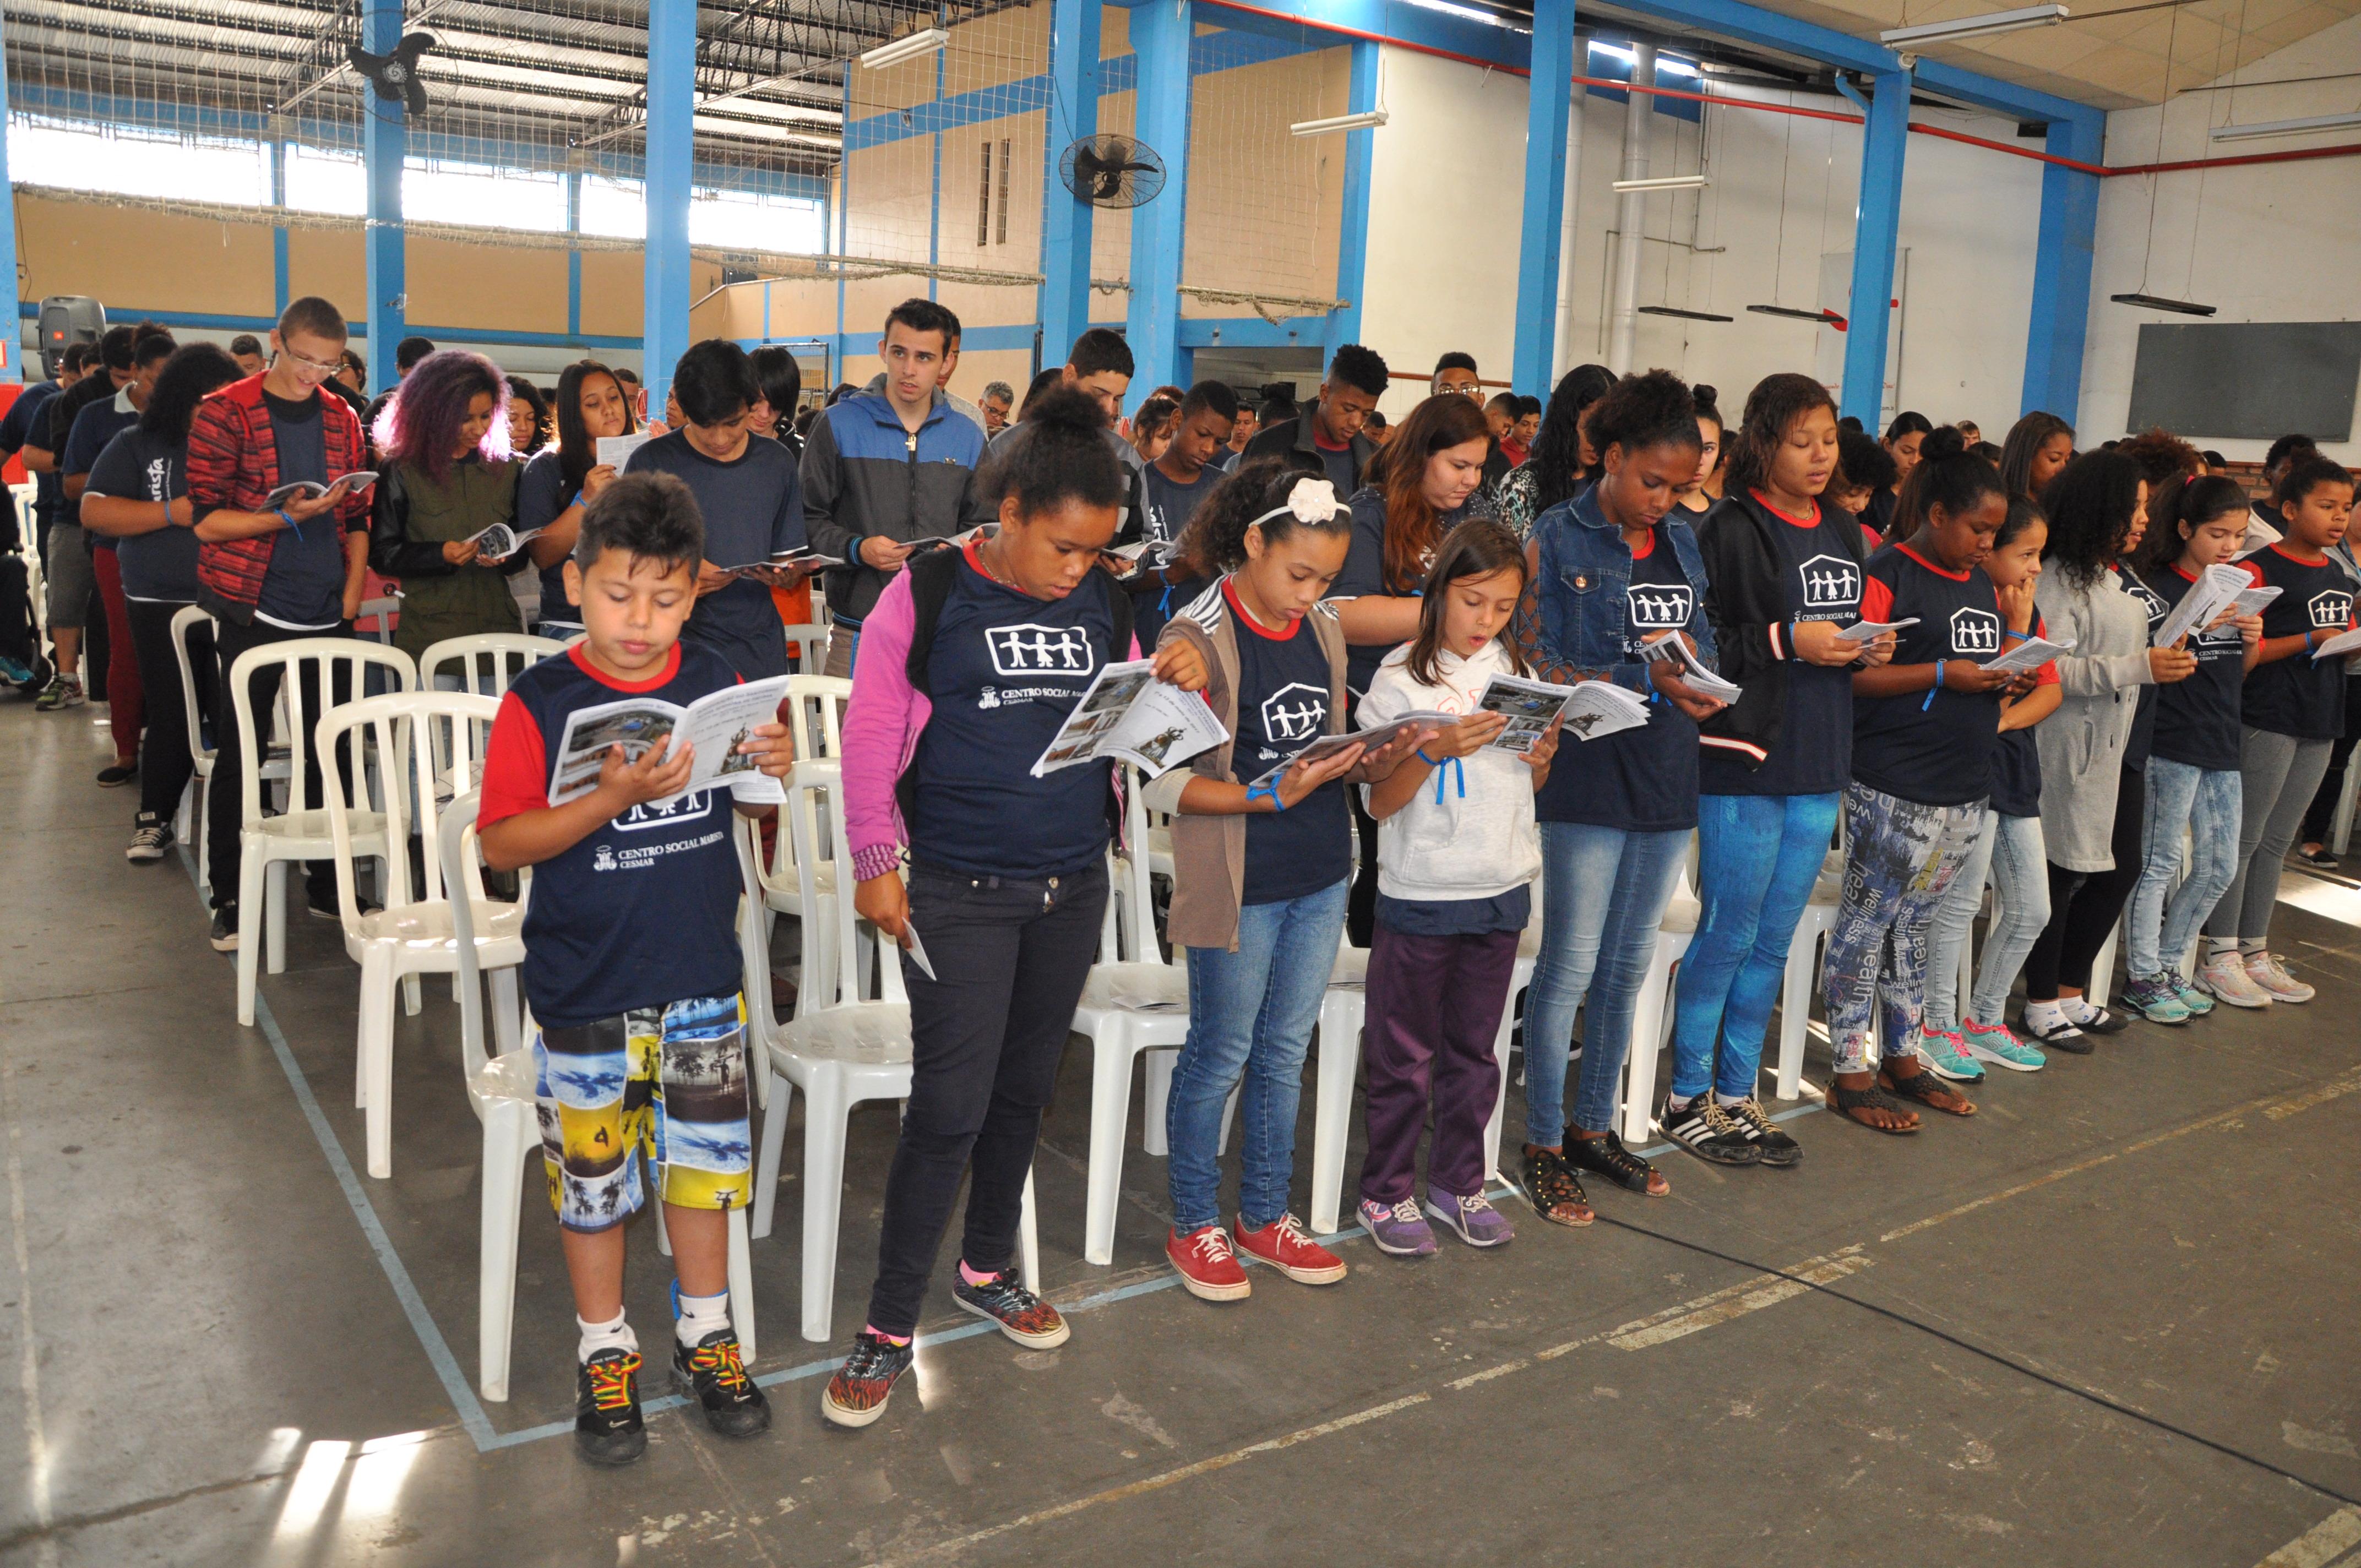 Missa prepara a comunidade para a Inauguração do Santuário